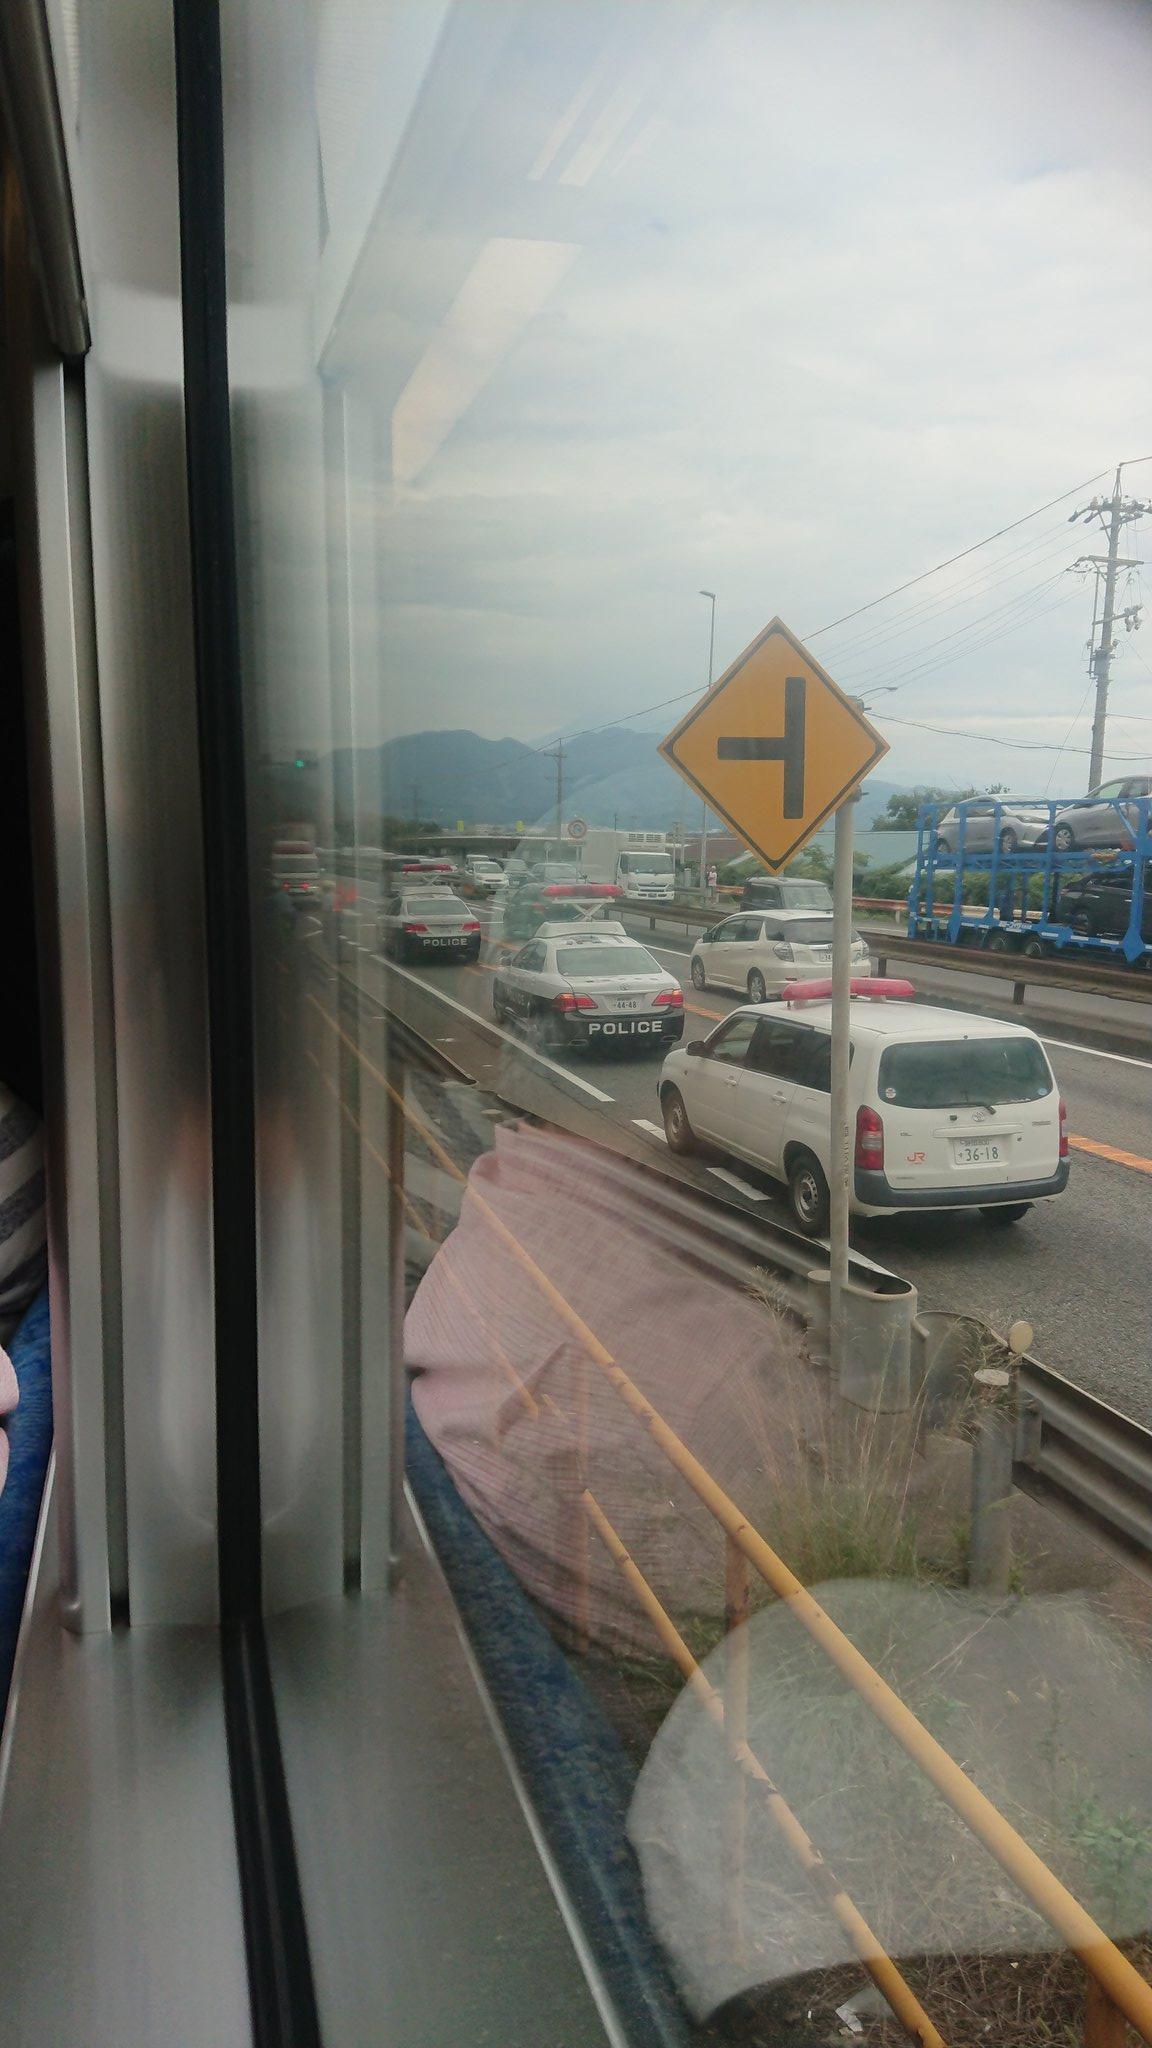 東海道線の人身事故で緊急車両が集結している現場の画像